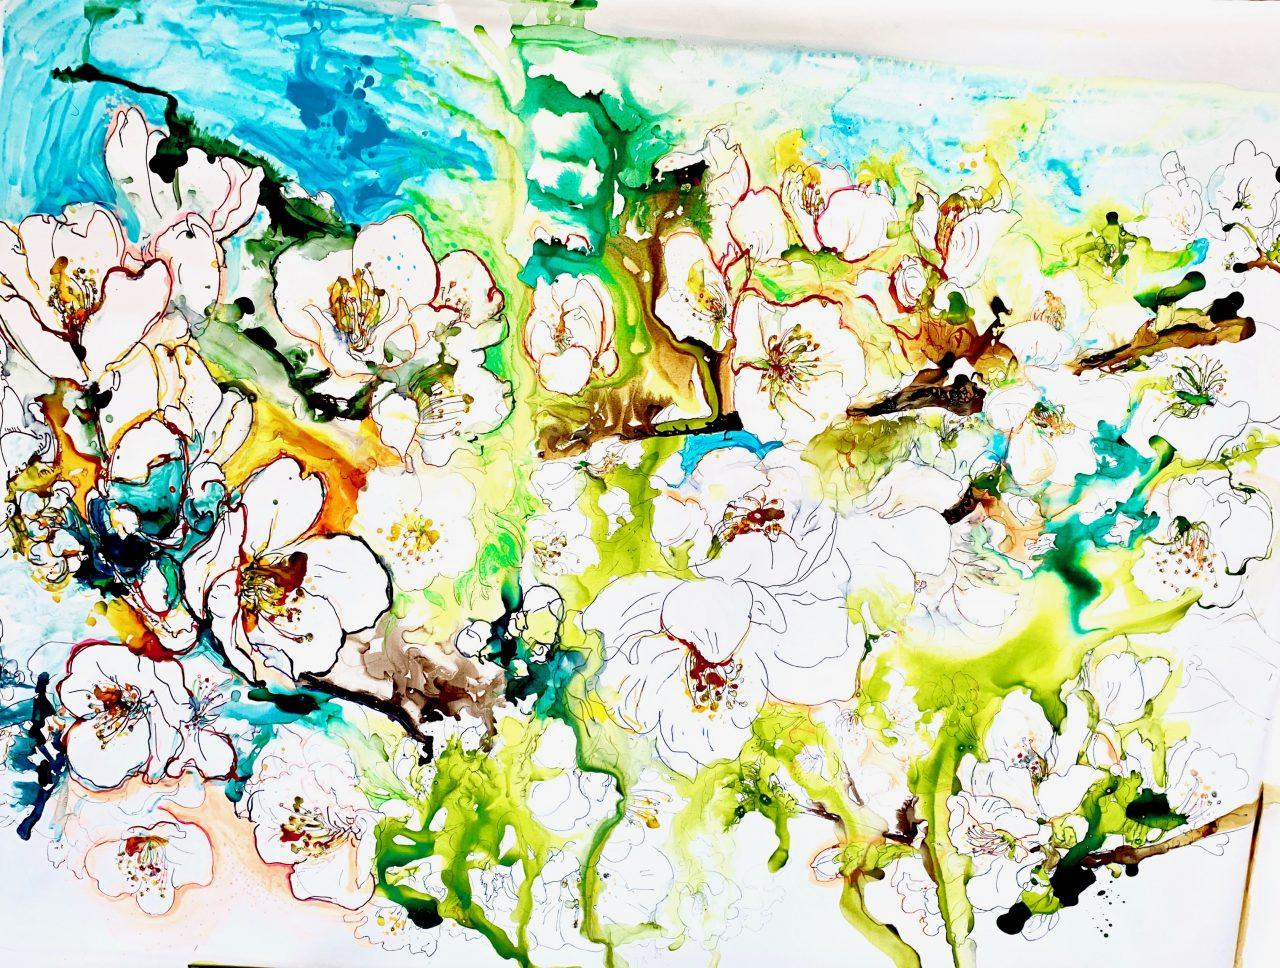 9, Cerisiers en fleurs, pigments sur toile, 200x150cm, 2018